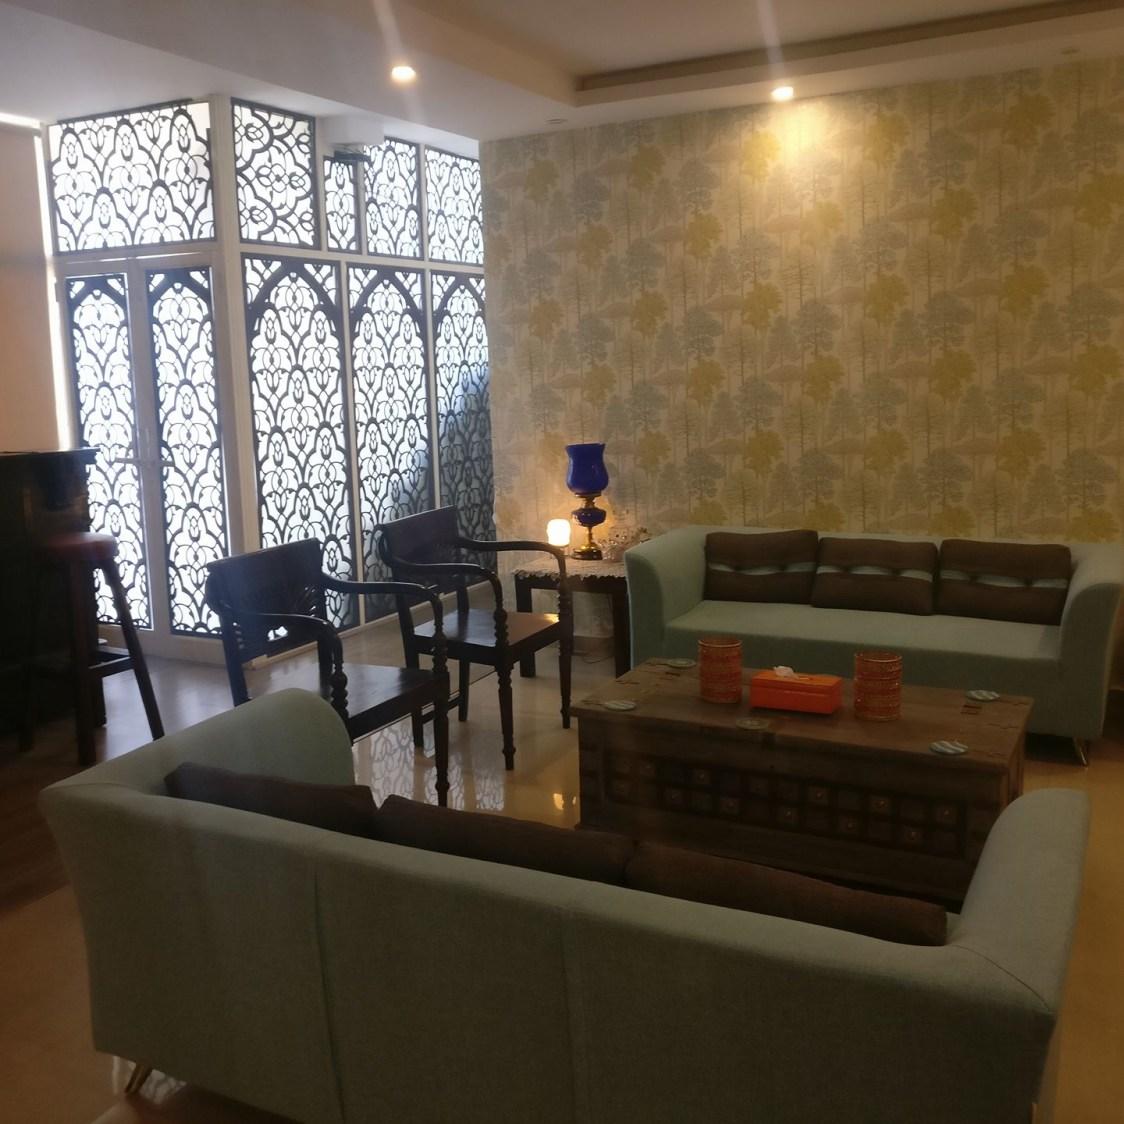 Contemporary living room by design101 Living-room Contemporary | Interior Design Photos & Ideas